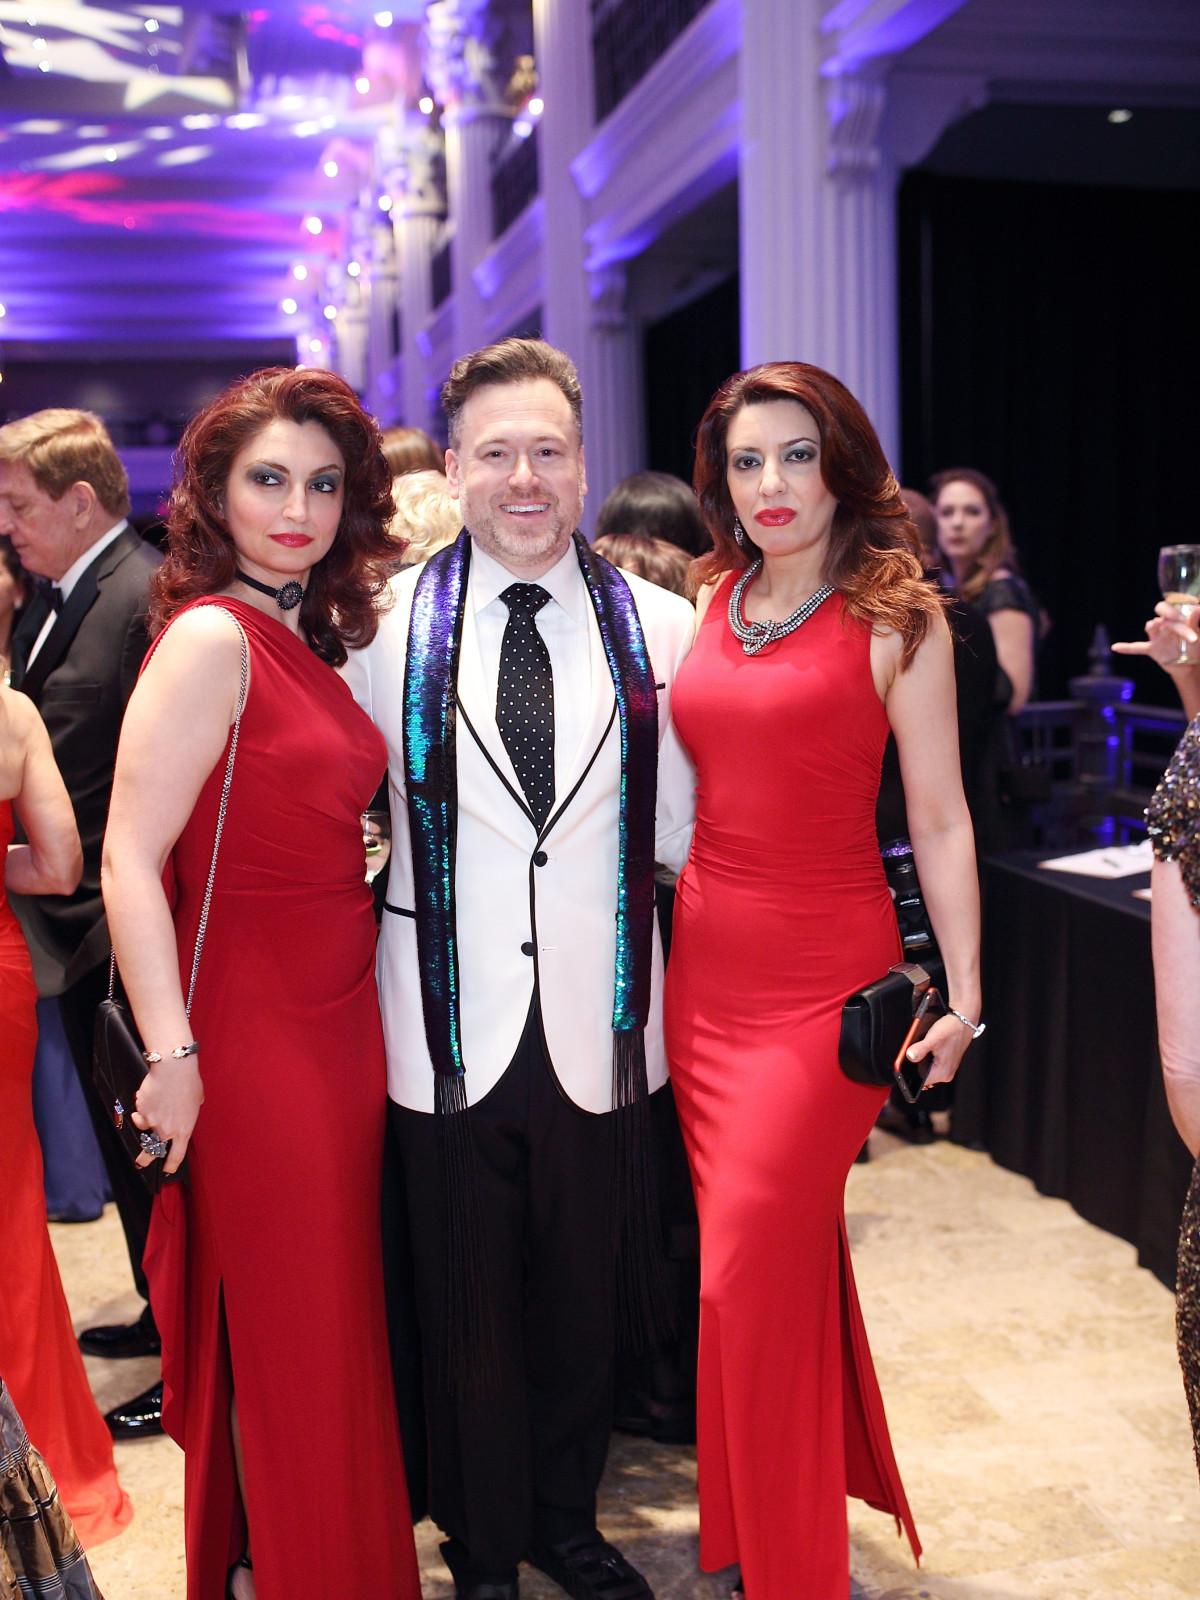 Mahzad Mohajer, Gregg Harrison, Parissa Mohajer at Denali Gala